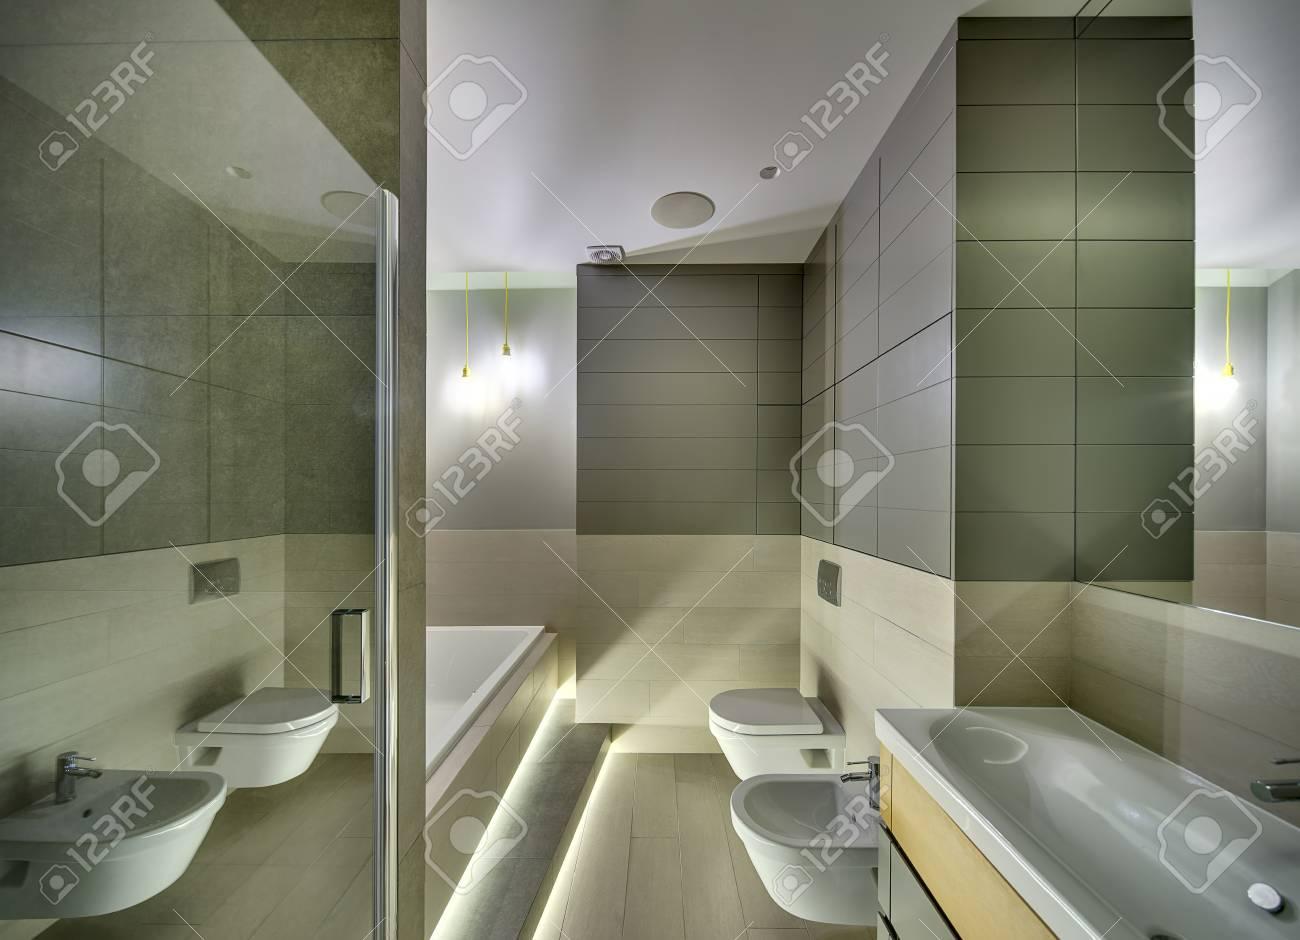 Bagno in stile moderno con piastrelle sulle pareti e sul pavimento